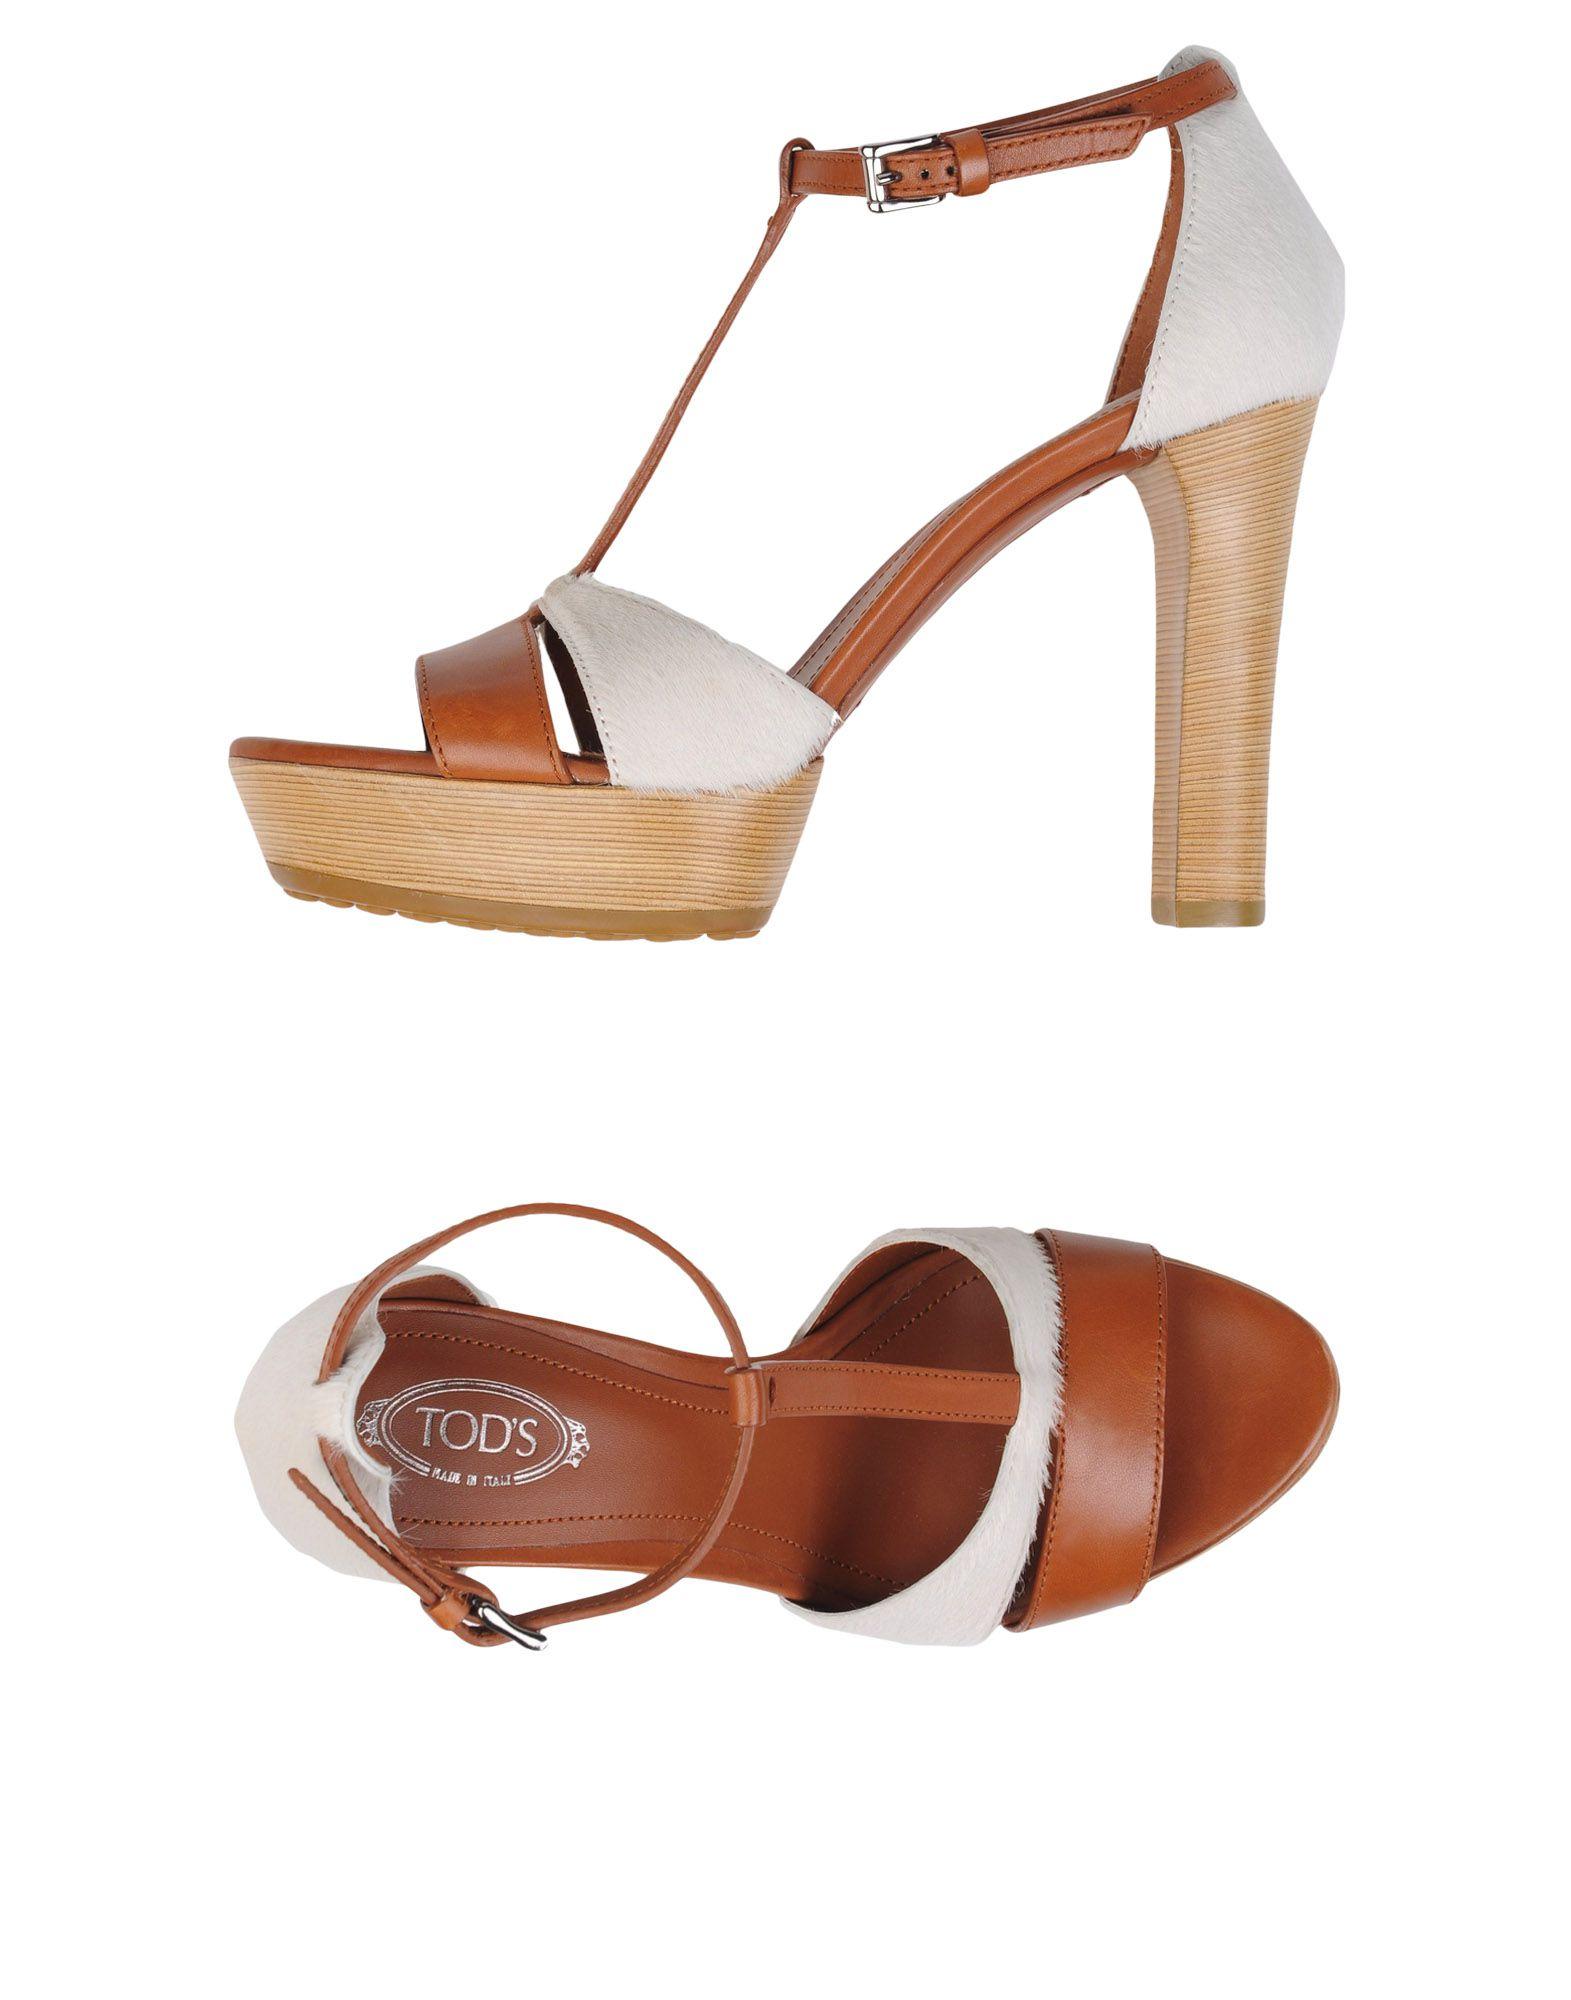 Tod's Sandalen Damen  11175676HNGut aussehende strapazierfähige Schuhe